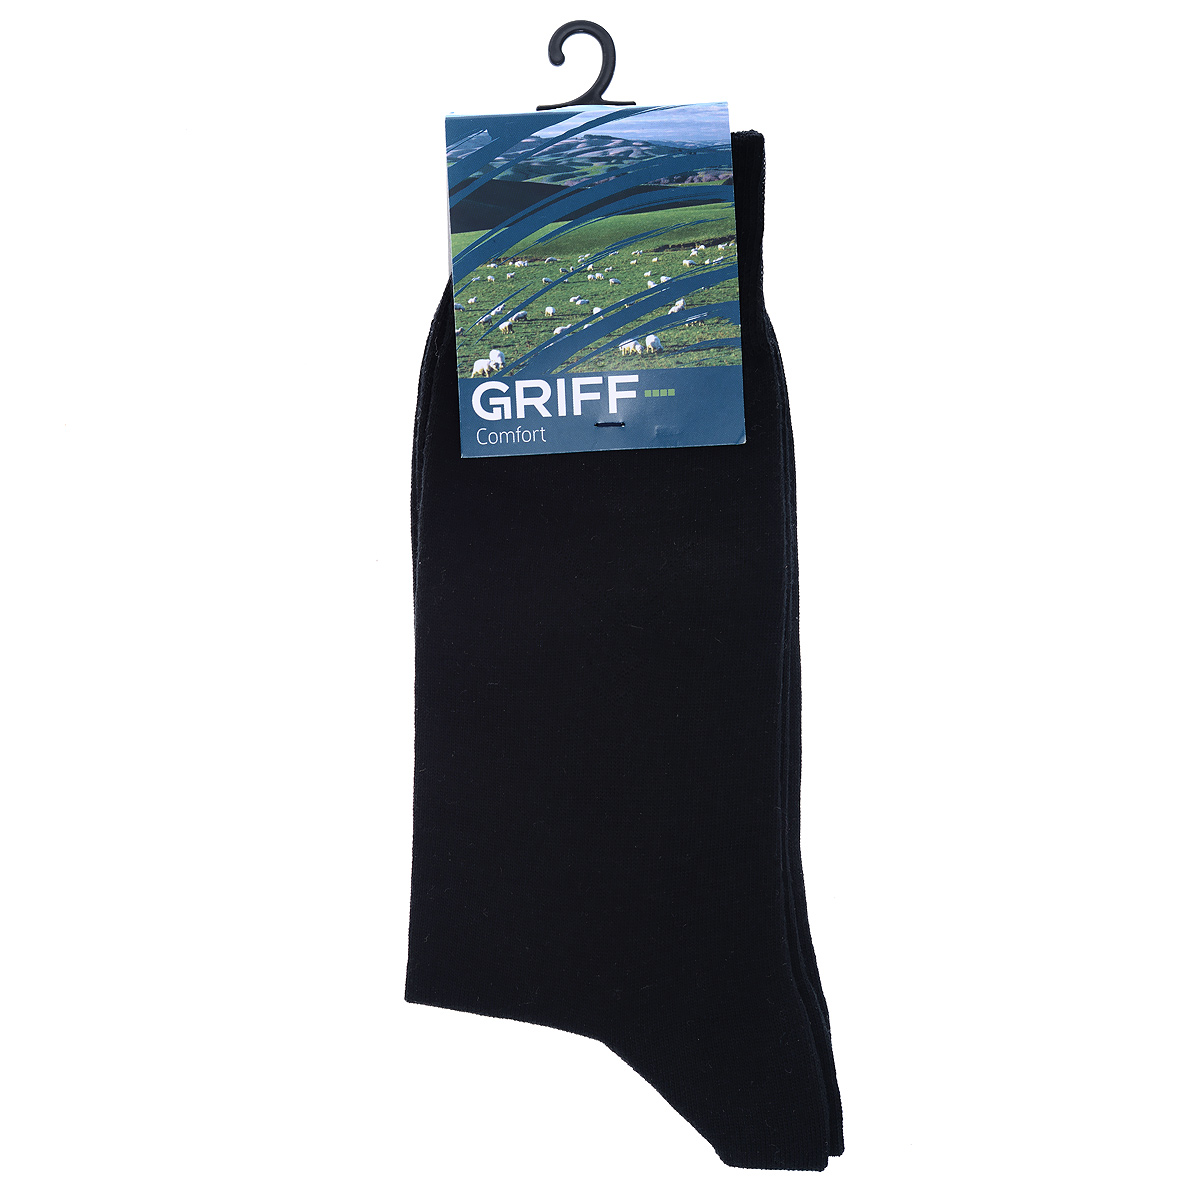 Носки мужские Griff Comfort, цвет: черный. М2. Размер 39/41М2Мужские носки Griff Comfort с удлиненным паголенком изготовлены из высококачественного волокна - хлопок SeaCell. Комфортная широкая резинка пресс-контроль не сдавливает и комфортно облегает ногу. Усиленные пятка и мысок повышают износоустойчивость носка.